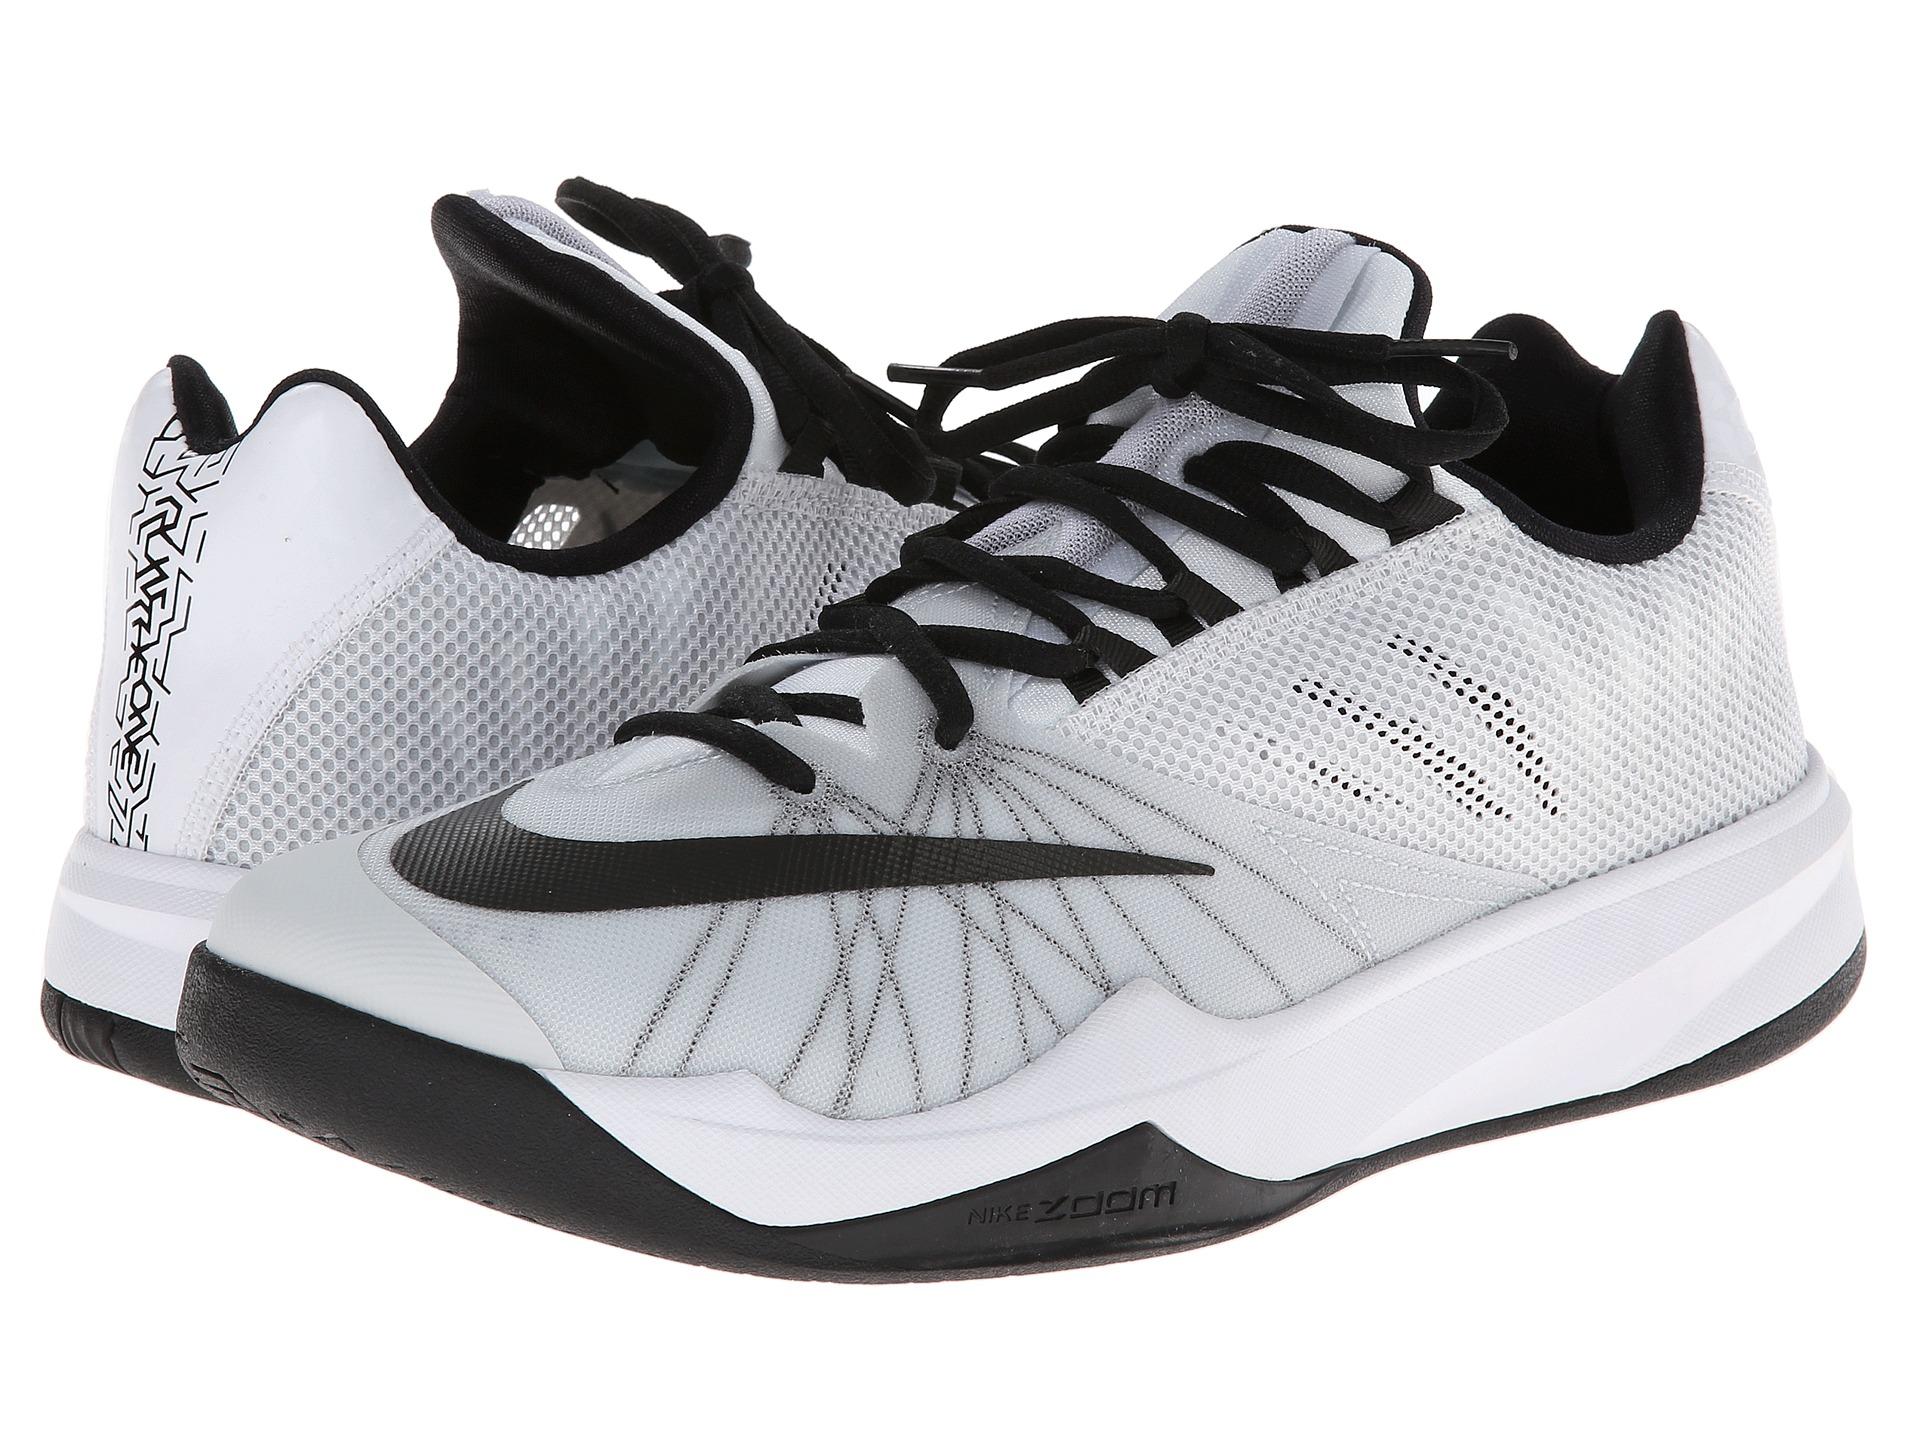 Nike zoom run the one tb blue